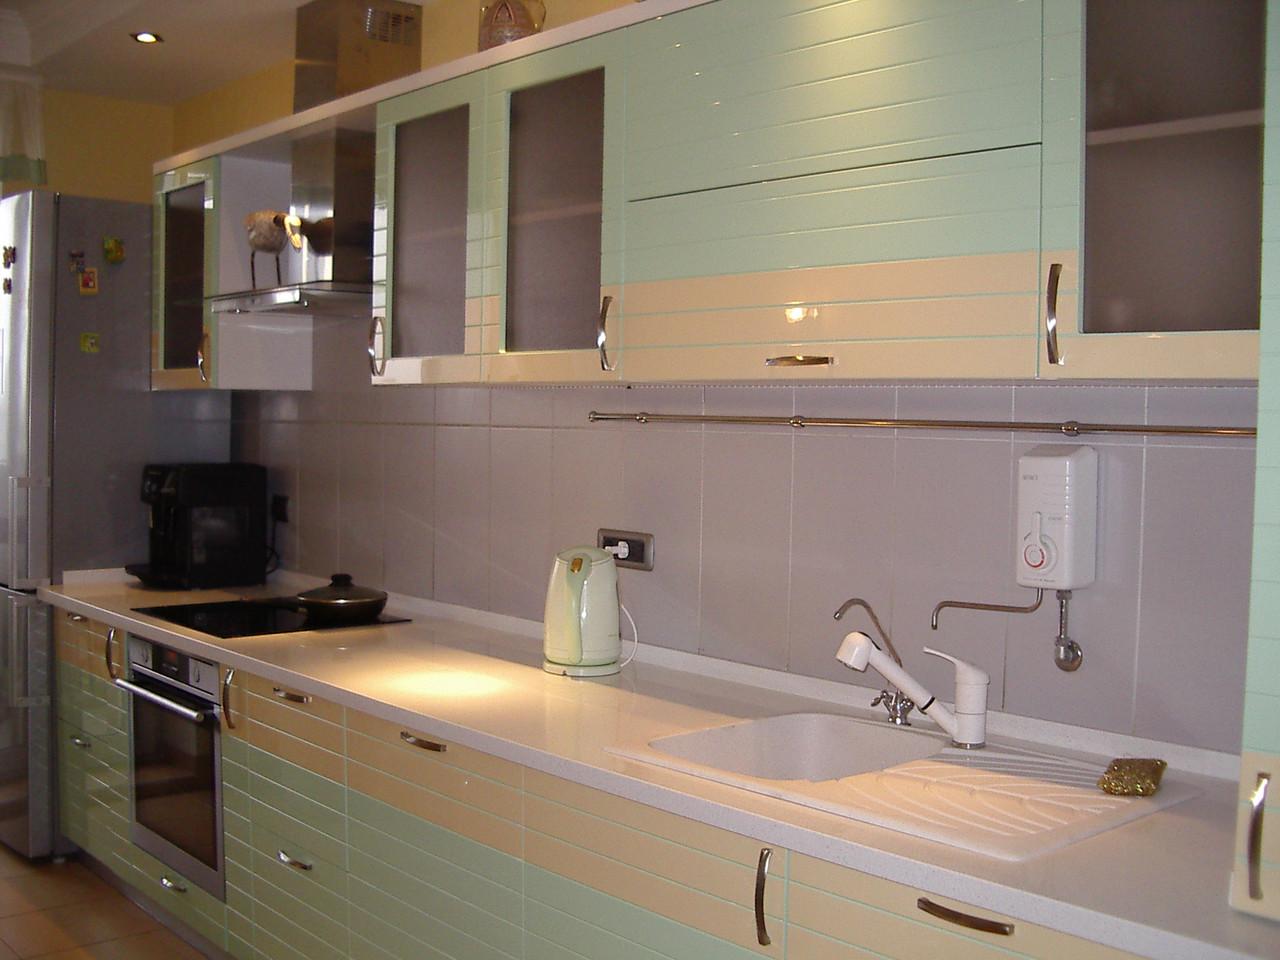 Кухонная мебель на заказ, кухни с крашенным МДФ Киев, Борисполь